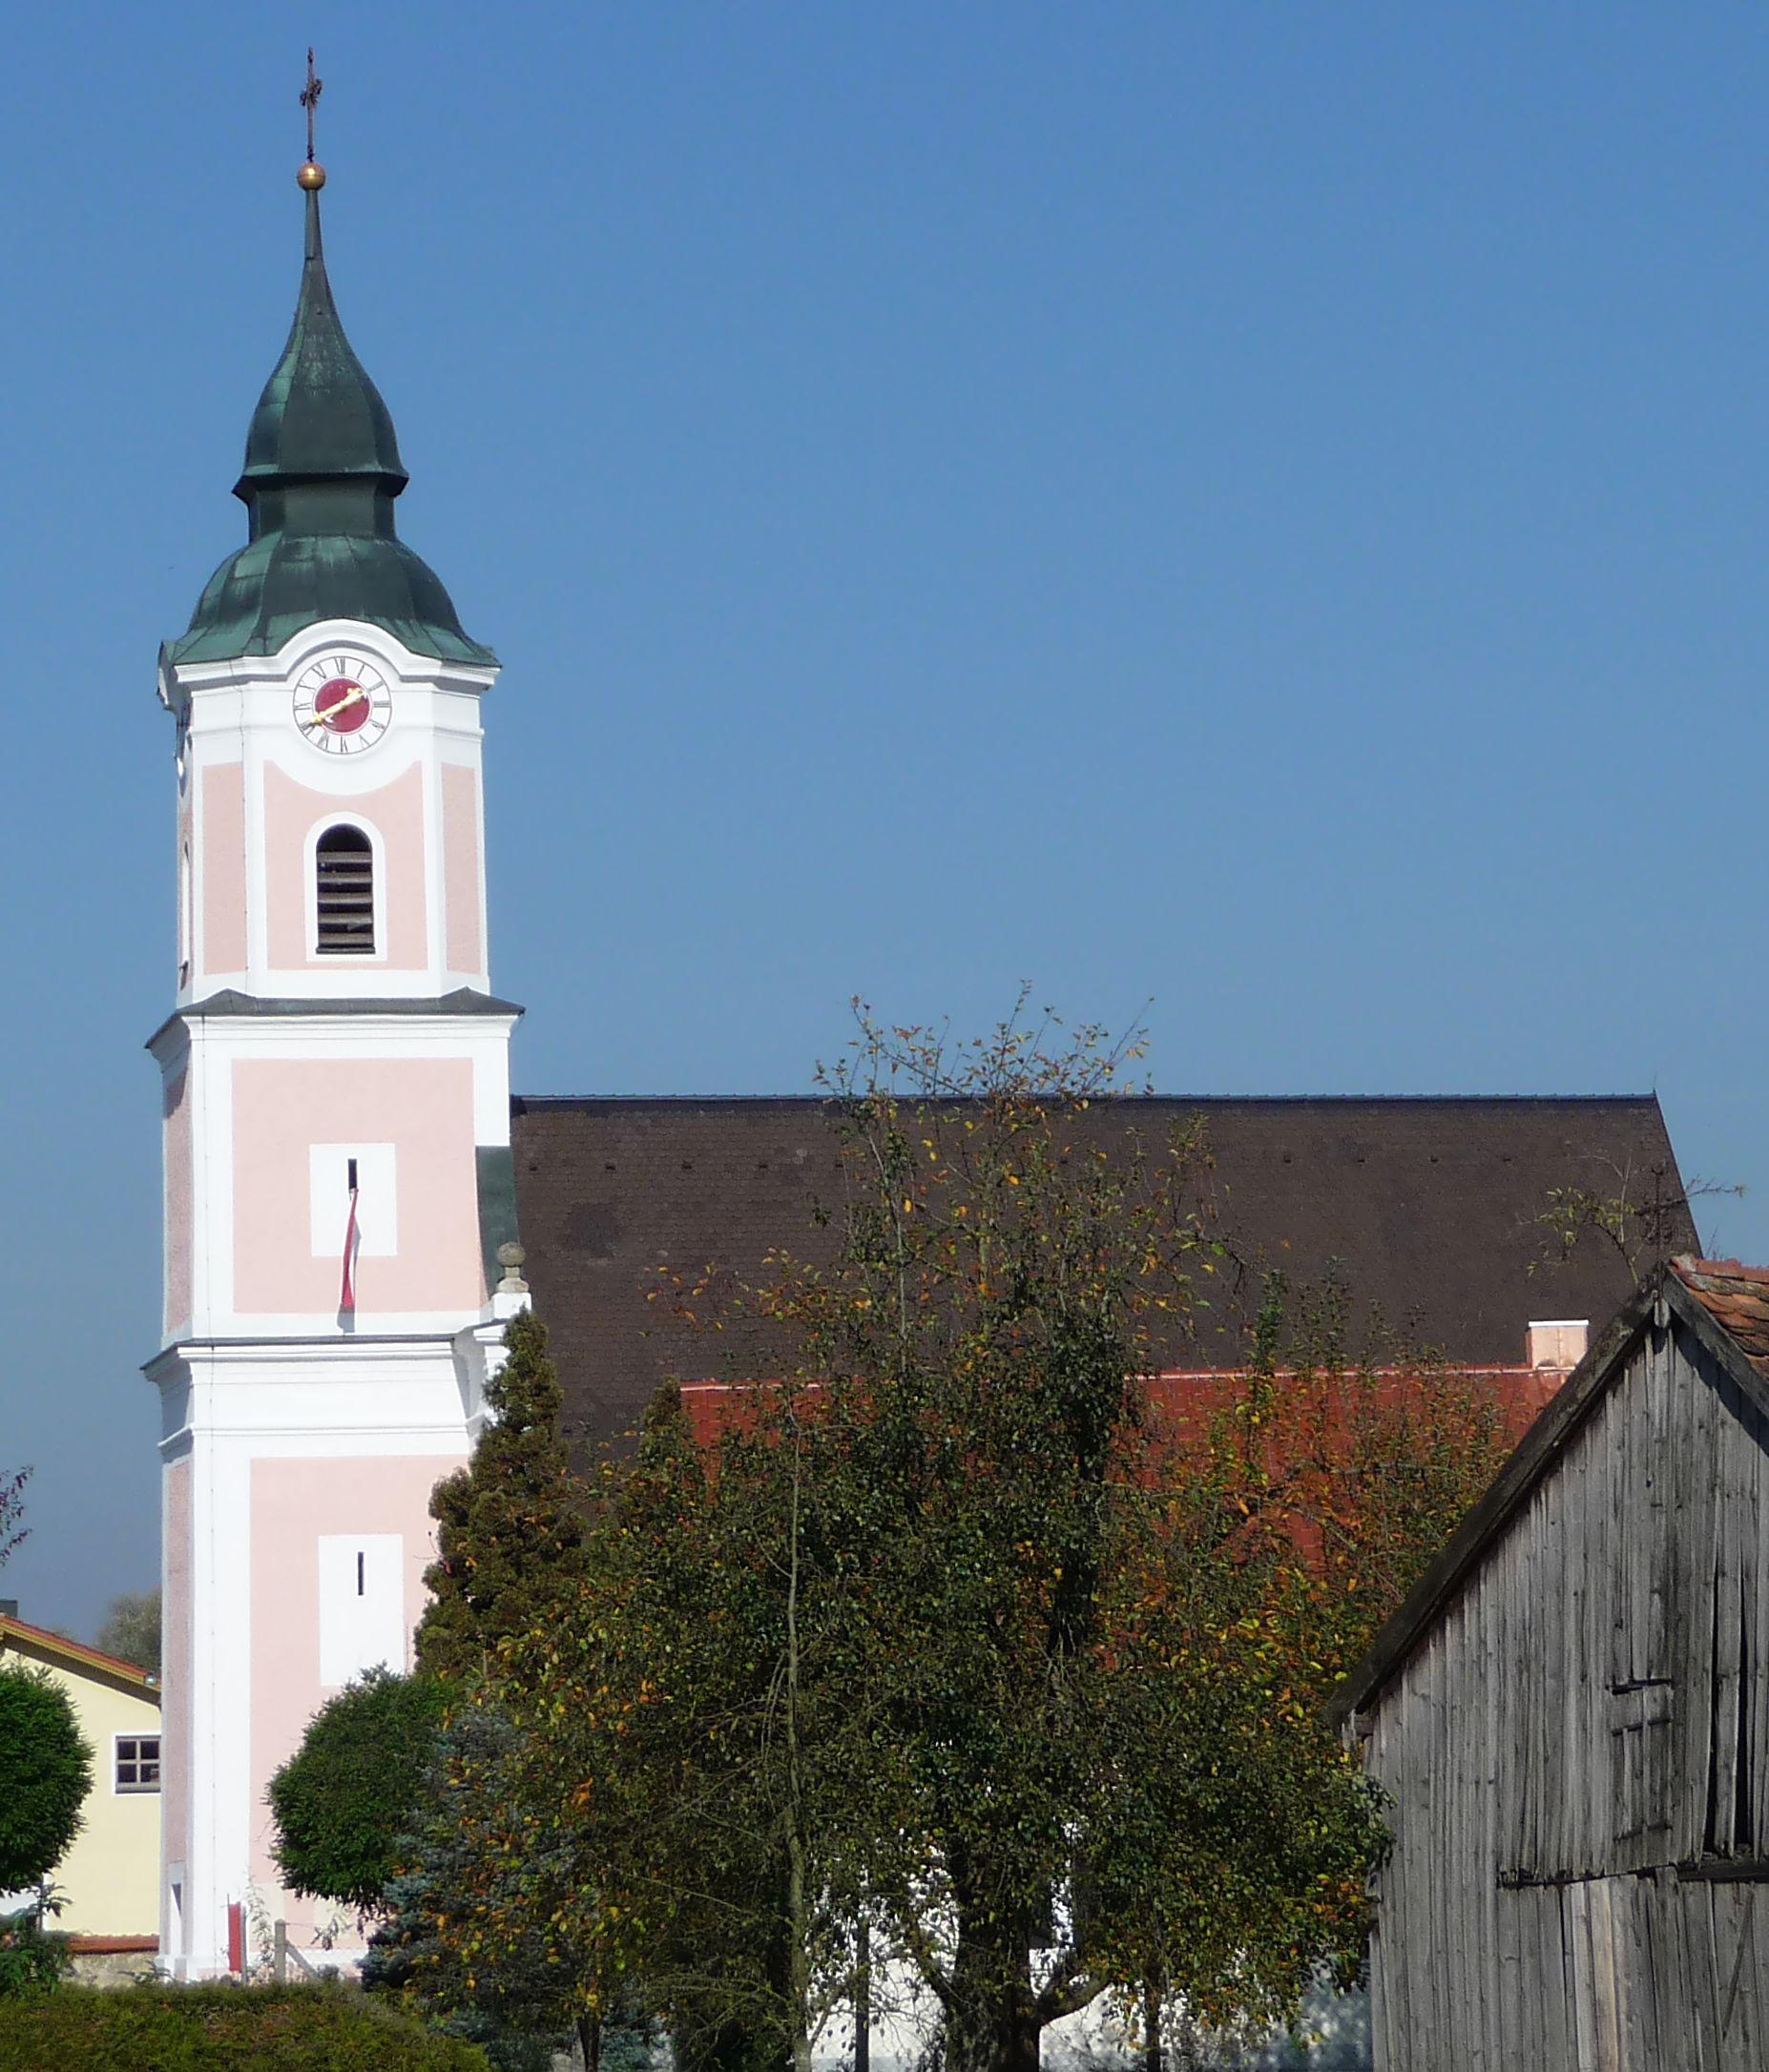 Pfarrkirche Kc3Bcnzing